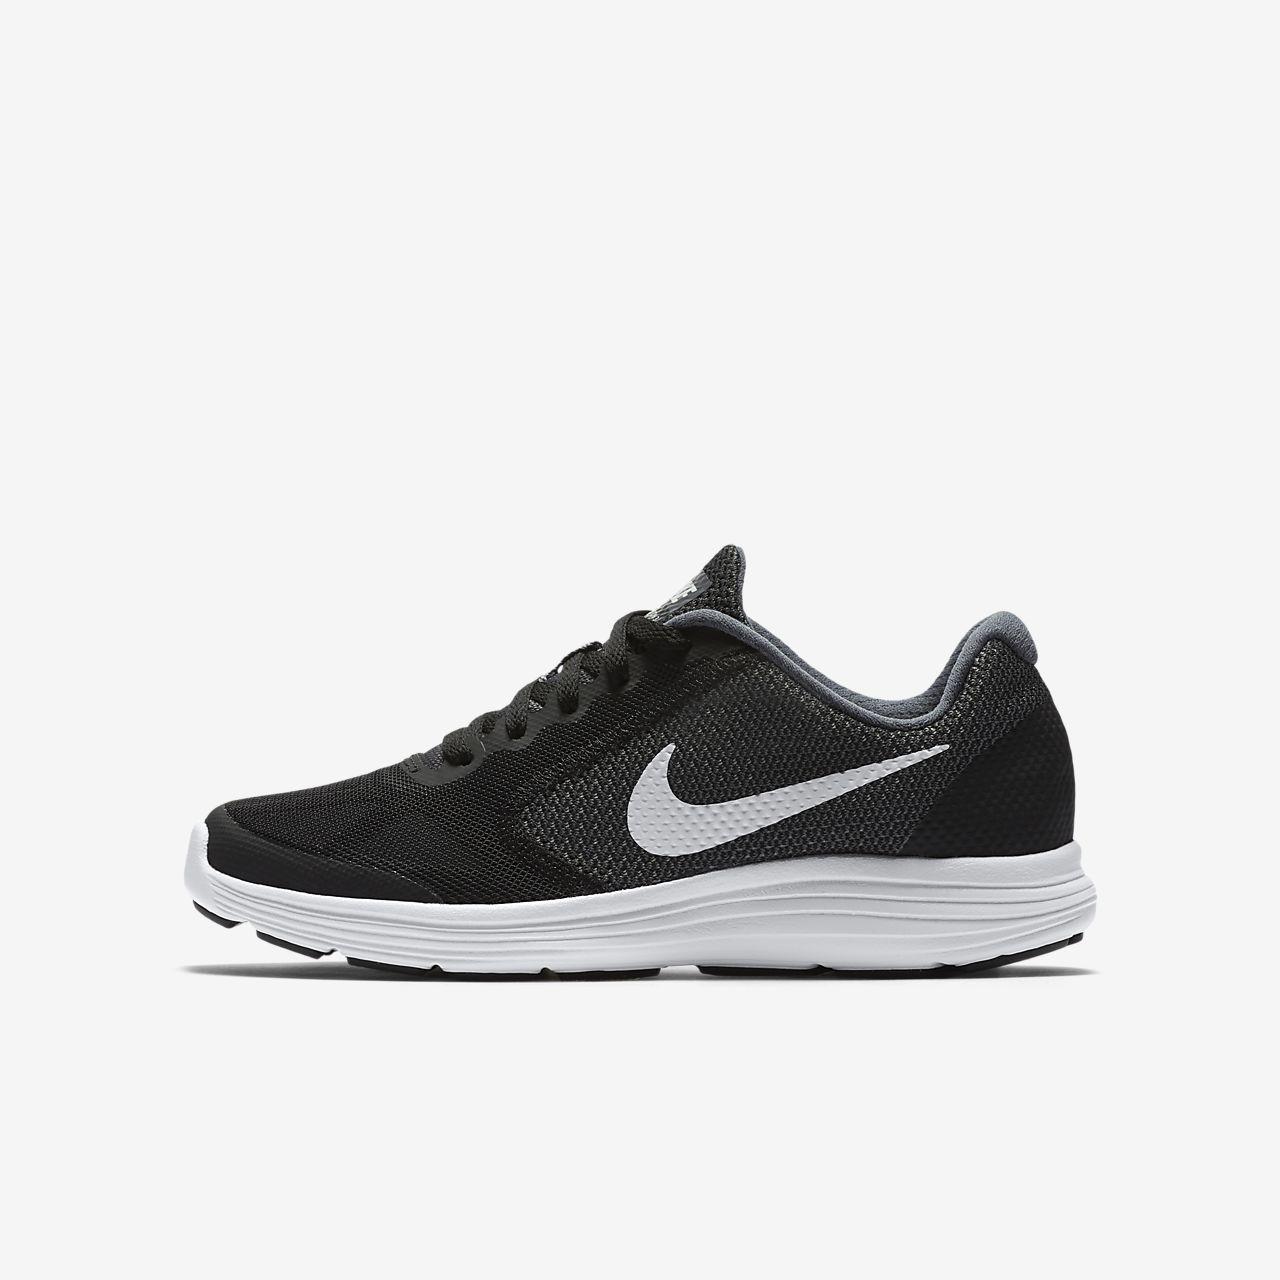 Παπούτσι για τρέξιμο Nike Revolution 3 για μεγάλα παιδιά